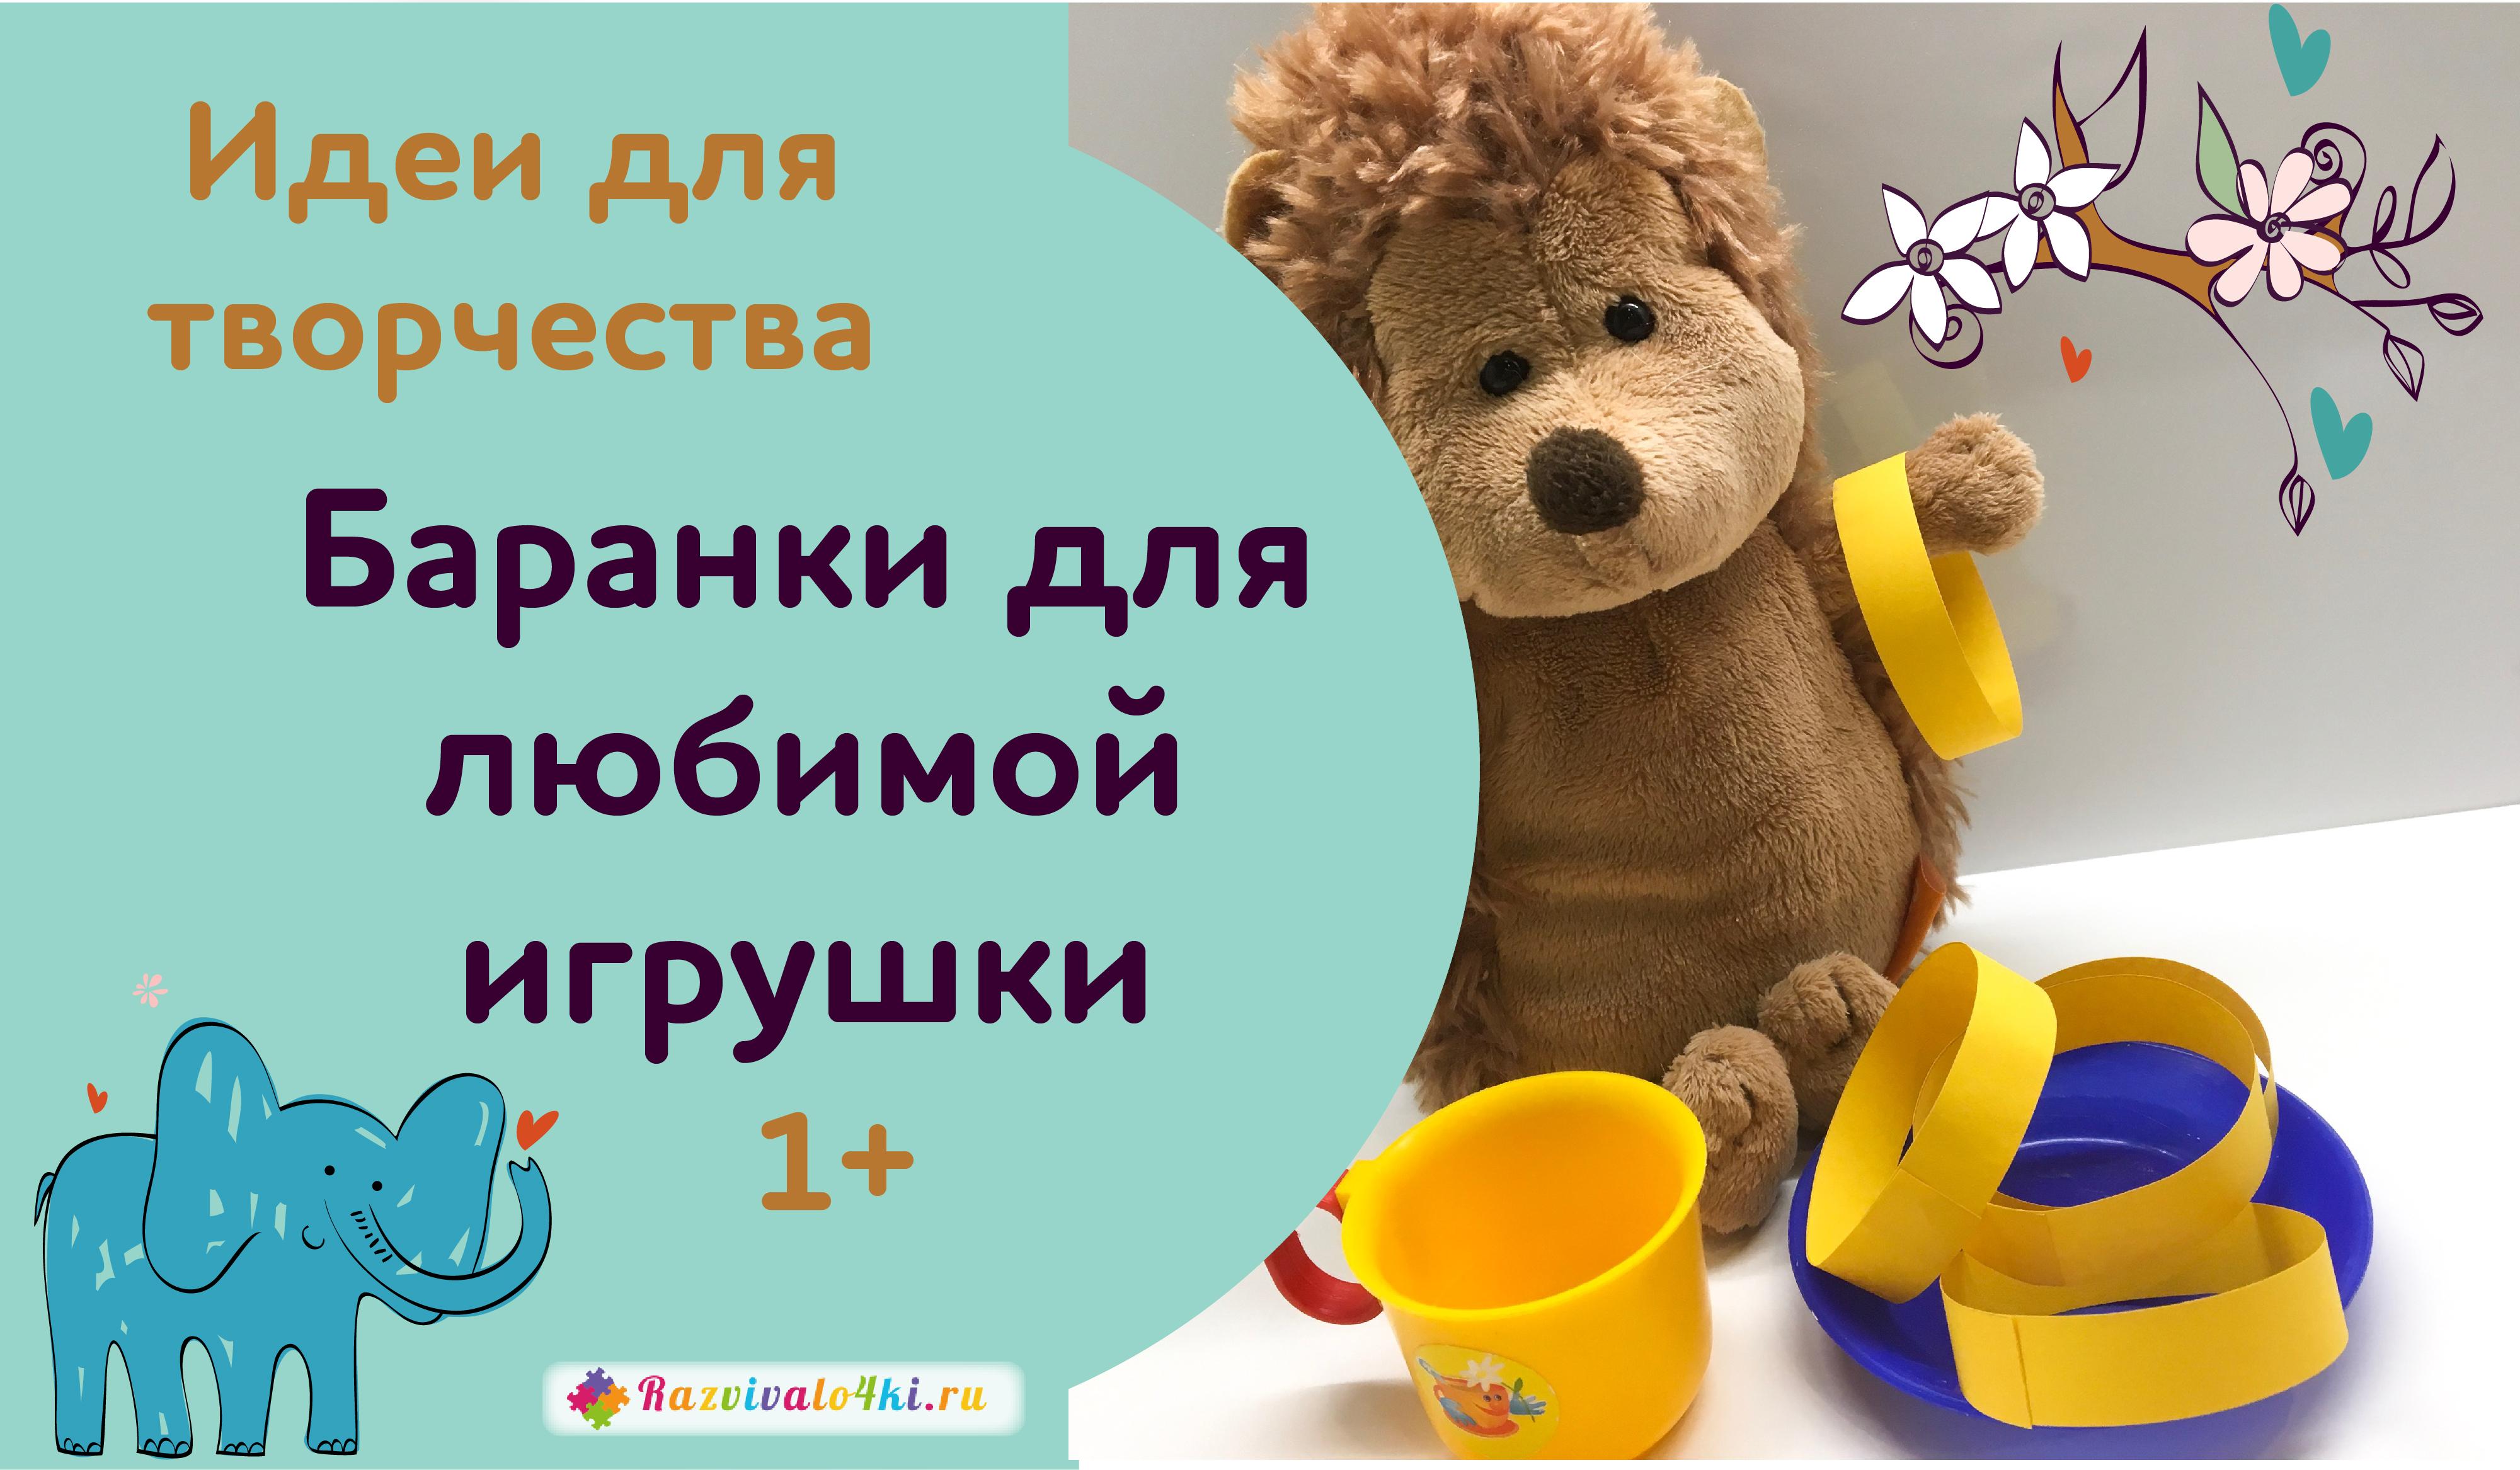 Баранки для любимой игрушки